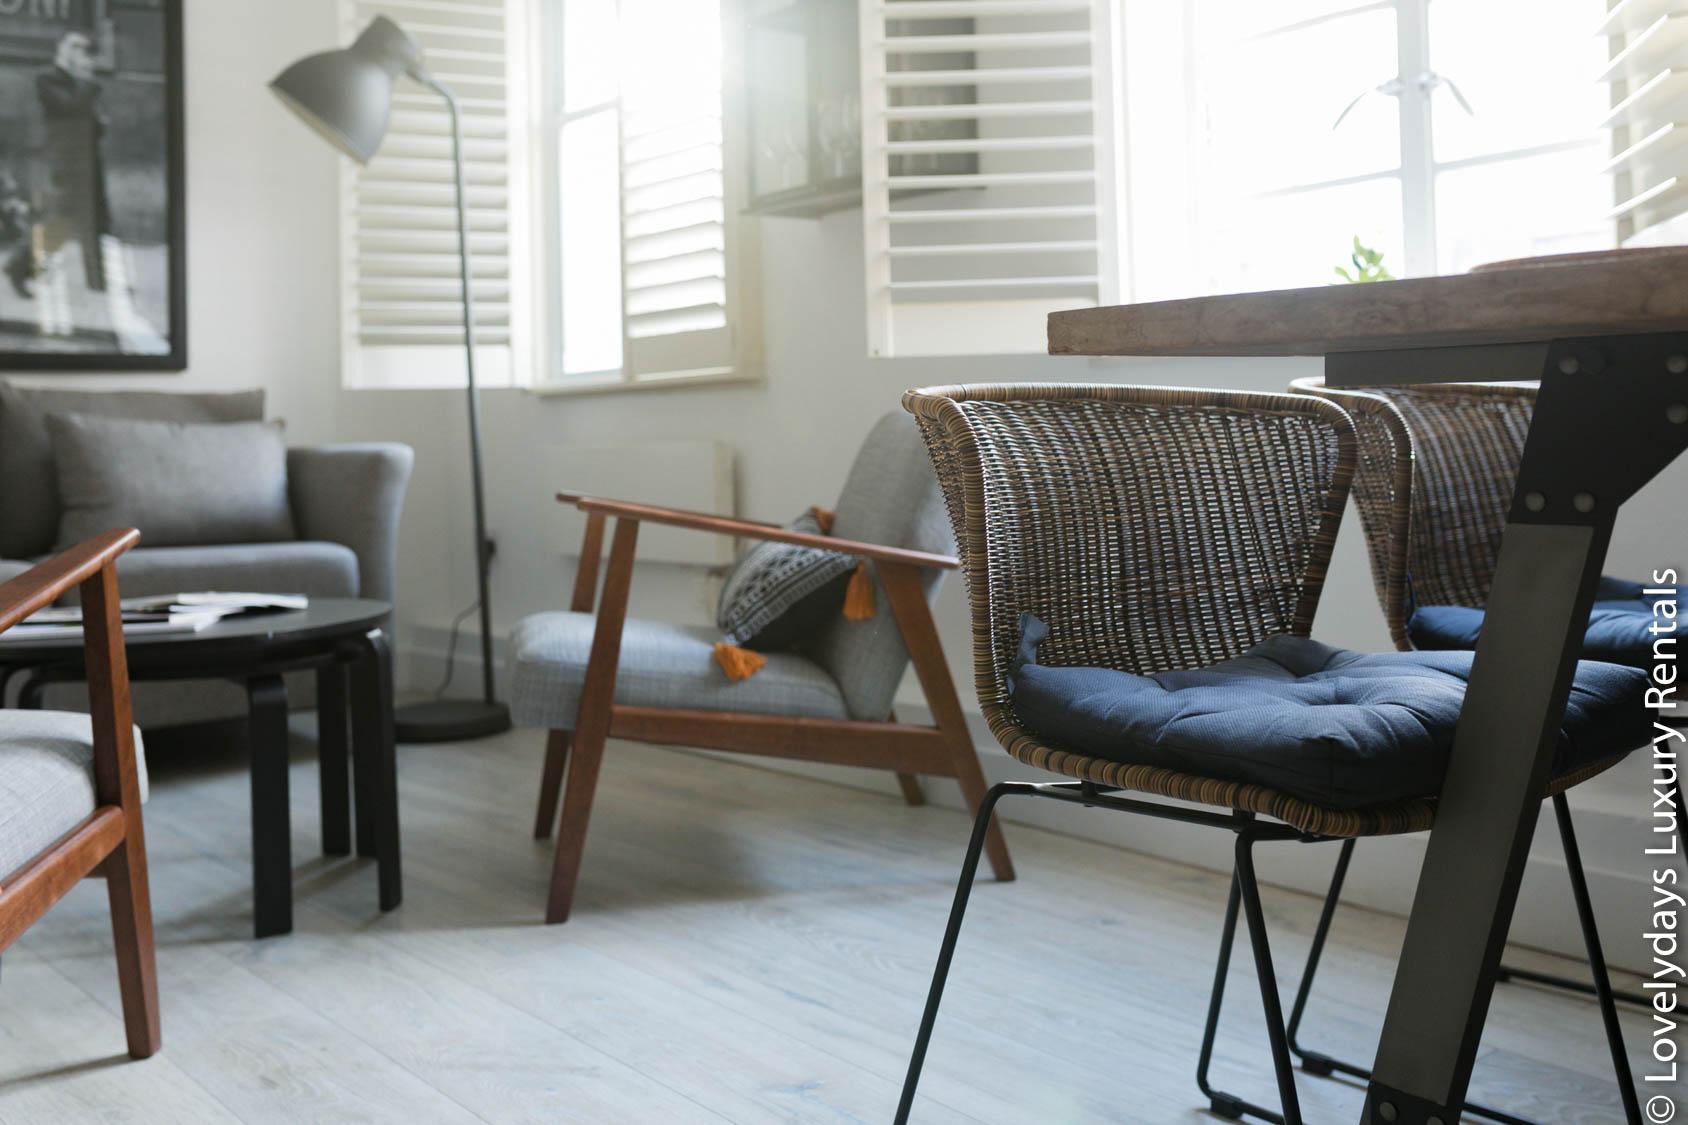 Lovelydays luxury service apartment rental - London - Fitzrovia - Goodge 55 - Lovelysuite - 2 bedrooms - 3 bathrooms - Working desk - 2e059cb5646d - Lovelydays